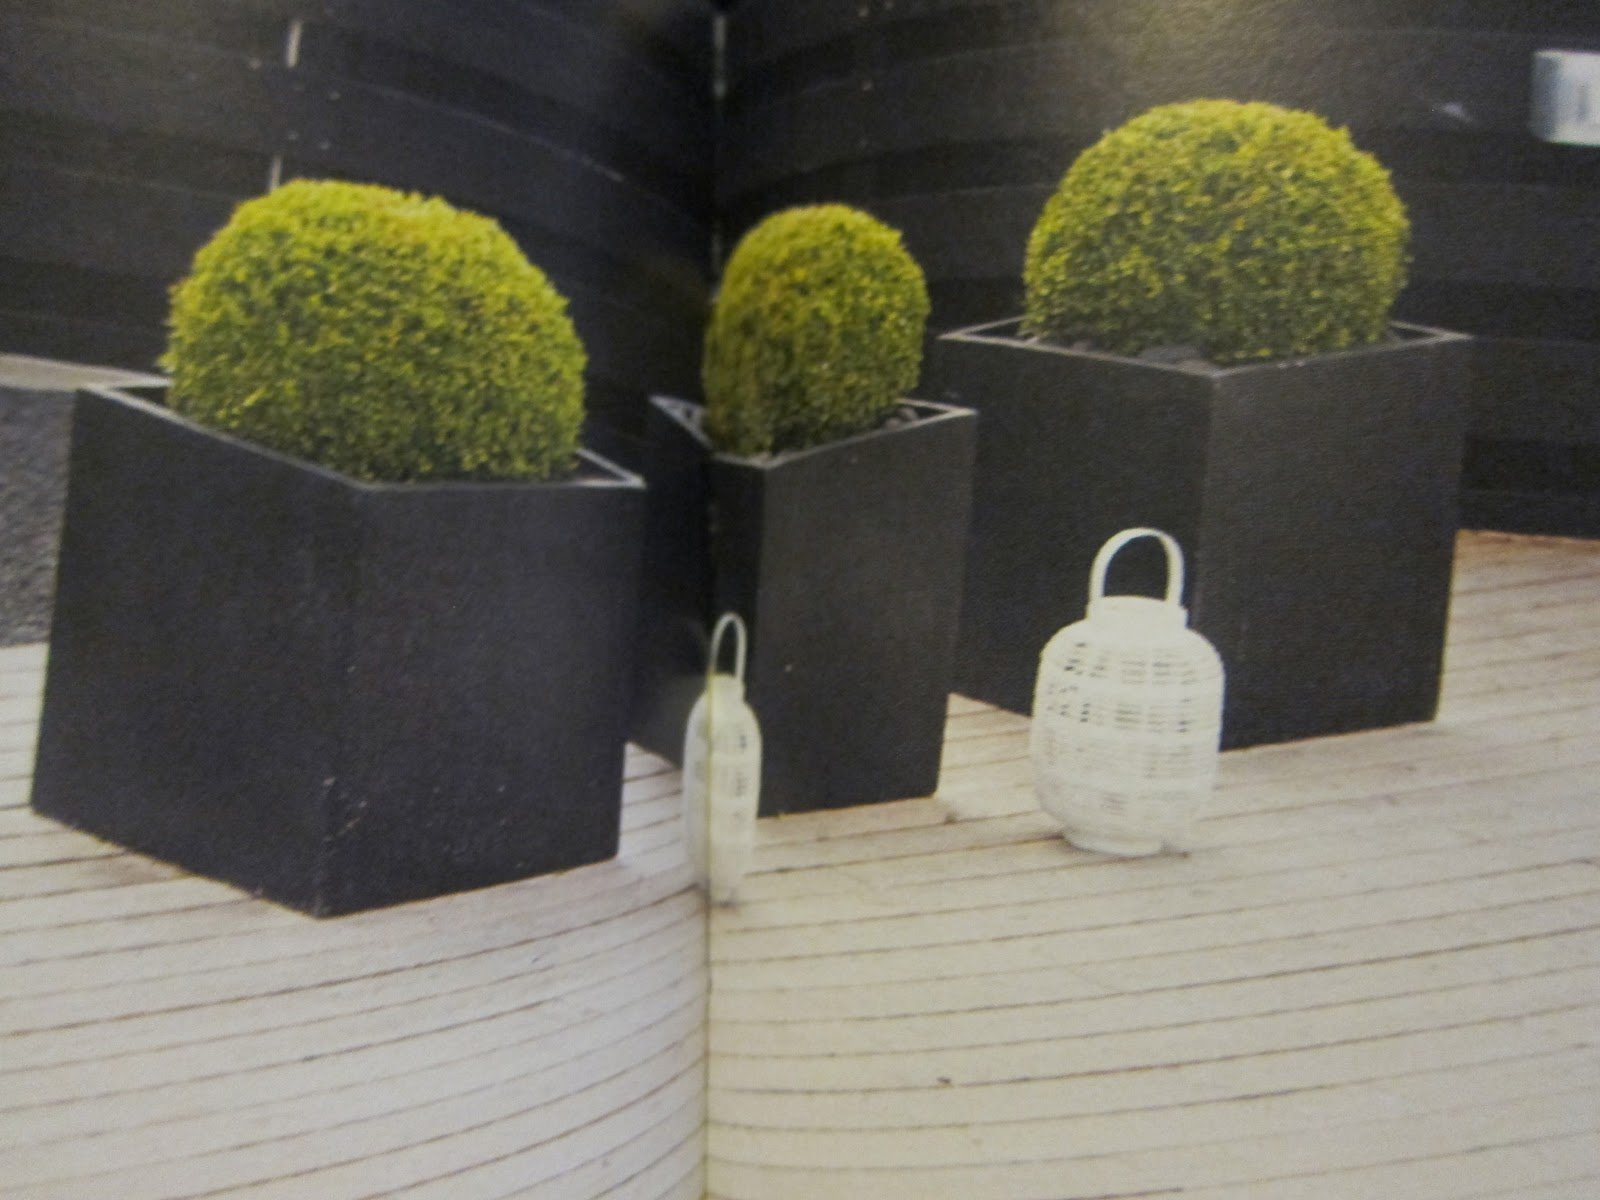 Projekt villa Els: Funderingar runt trädgården.